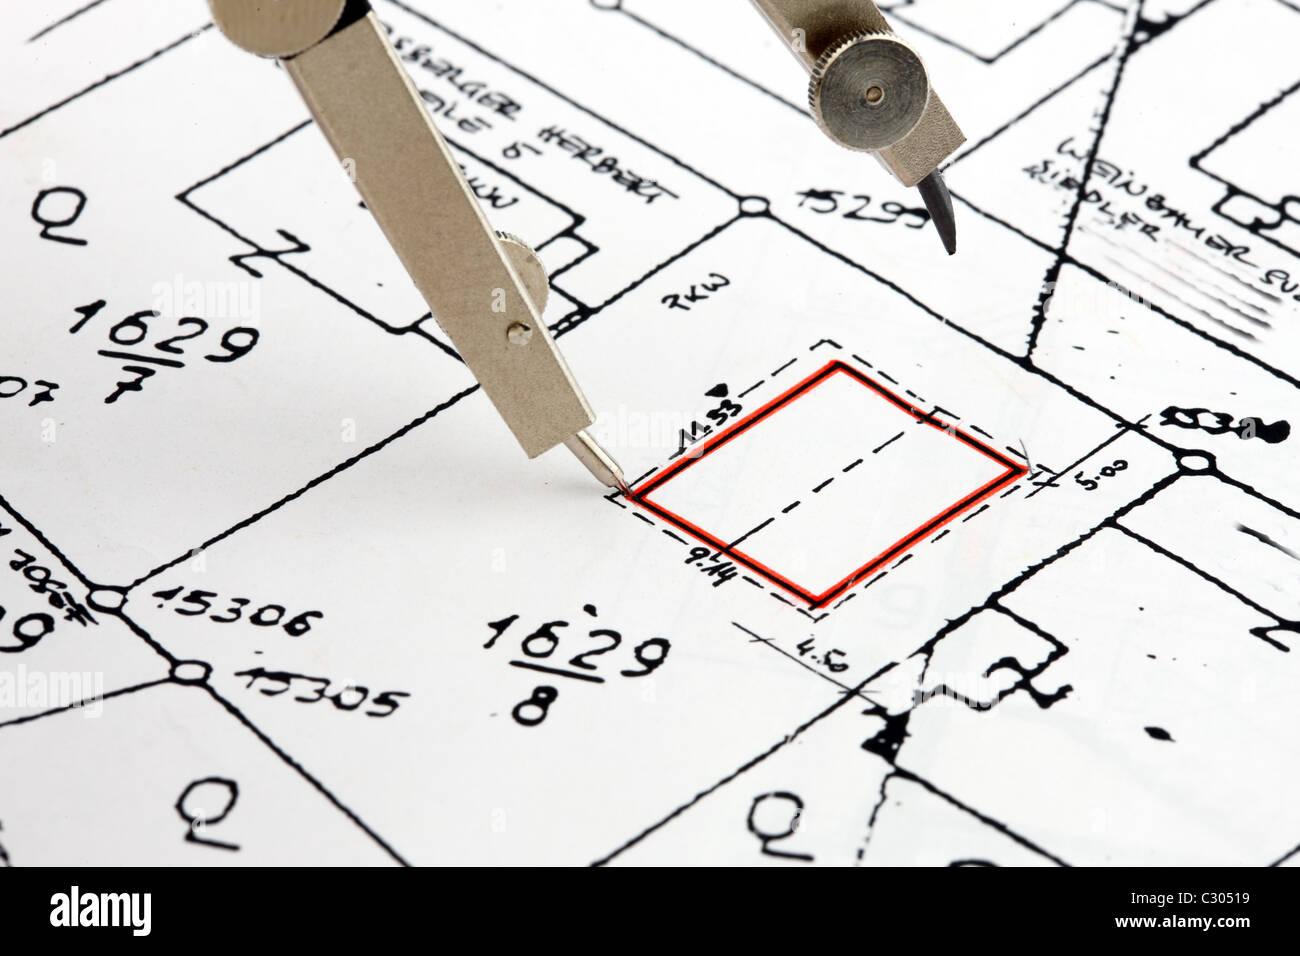 Berühmt Schaltplan Für Wohnhaus Ideen - Der Schaltplan - triangre.info